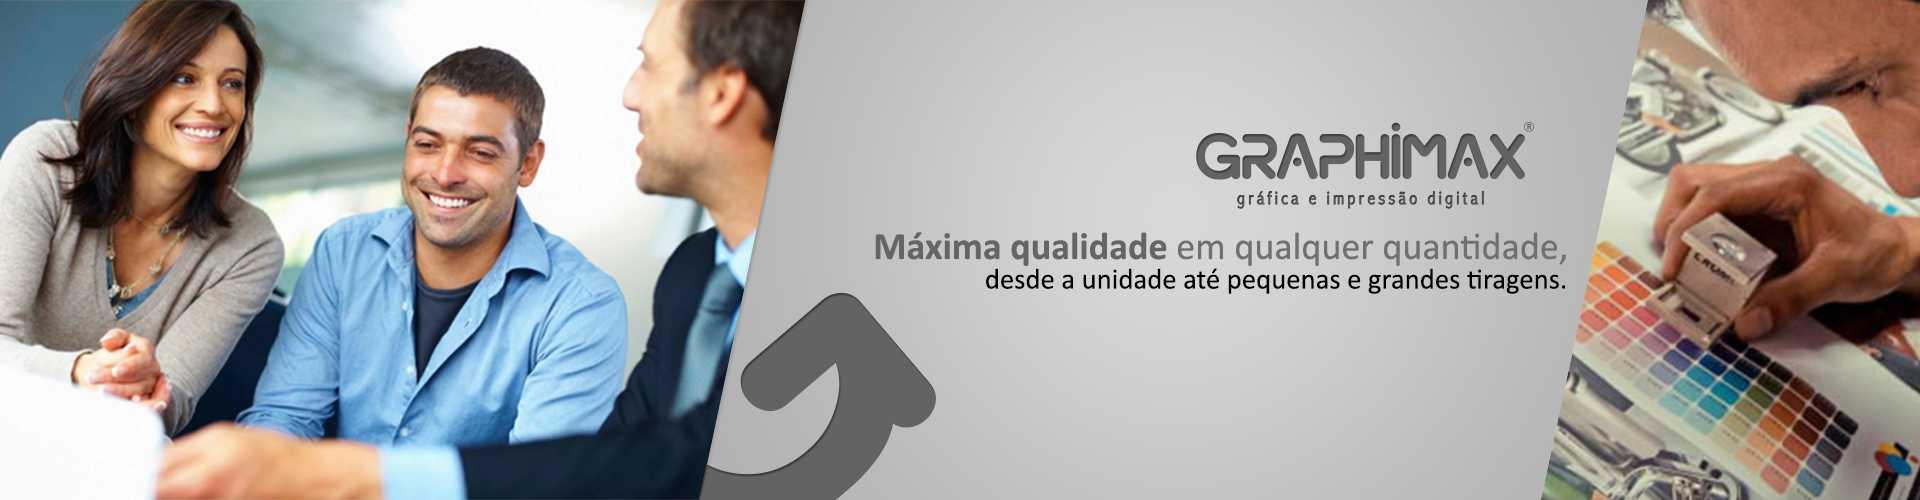 Graphimax Gráfica e Impressão Digital